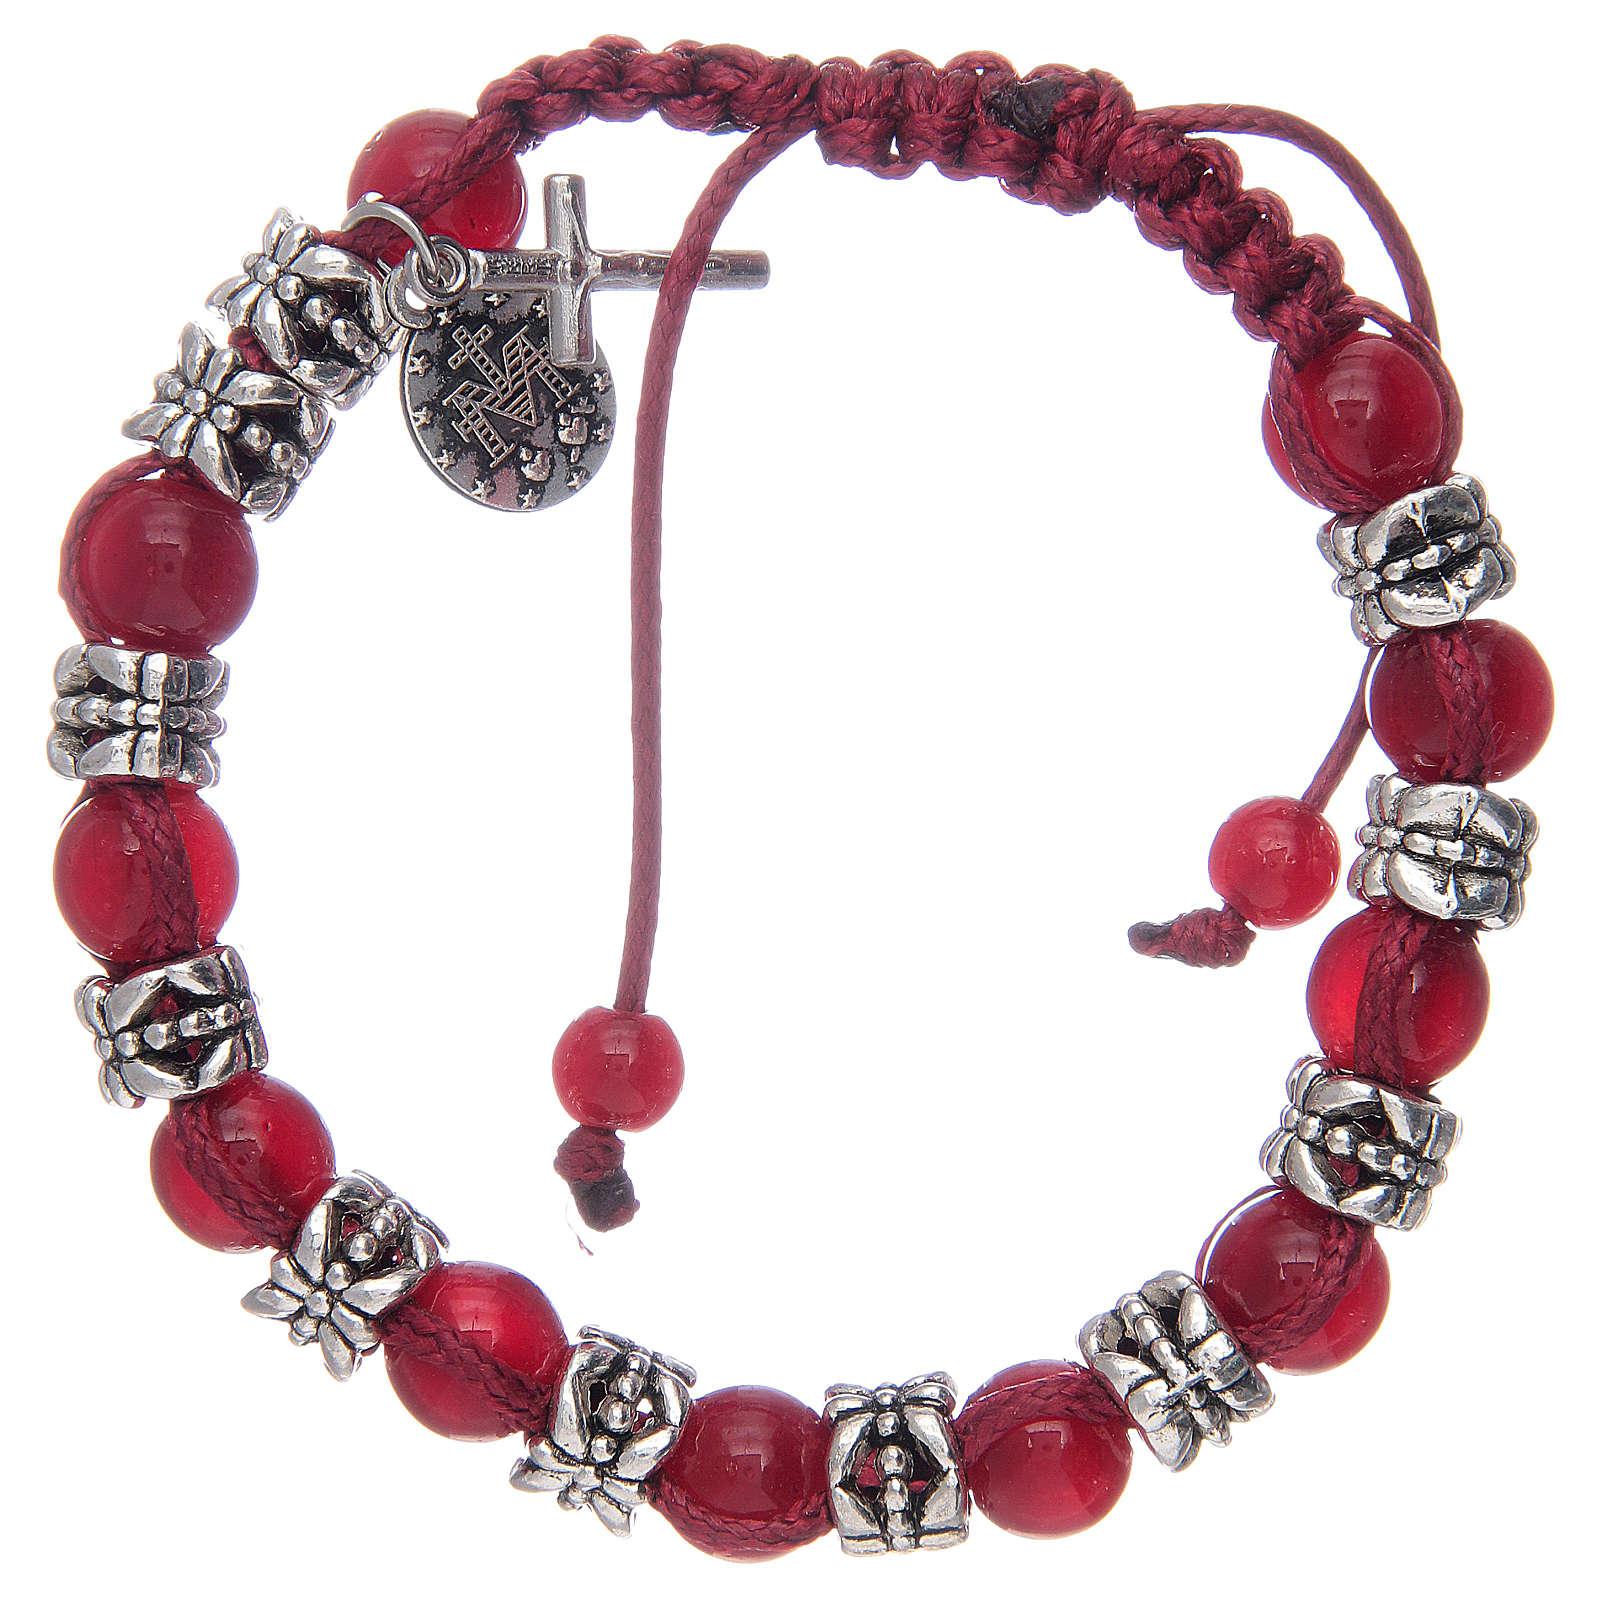 Bransoletka z koralikami ze szkła 8 mm i metalu na sznurku czerwony kolor 4